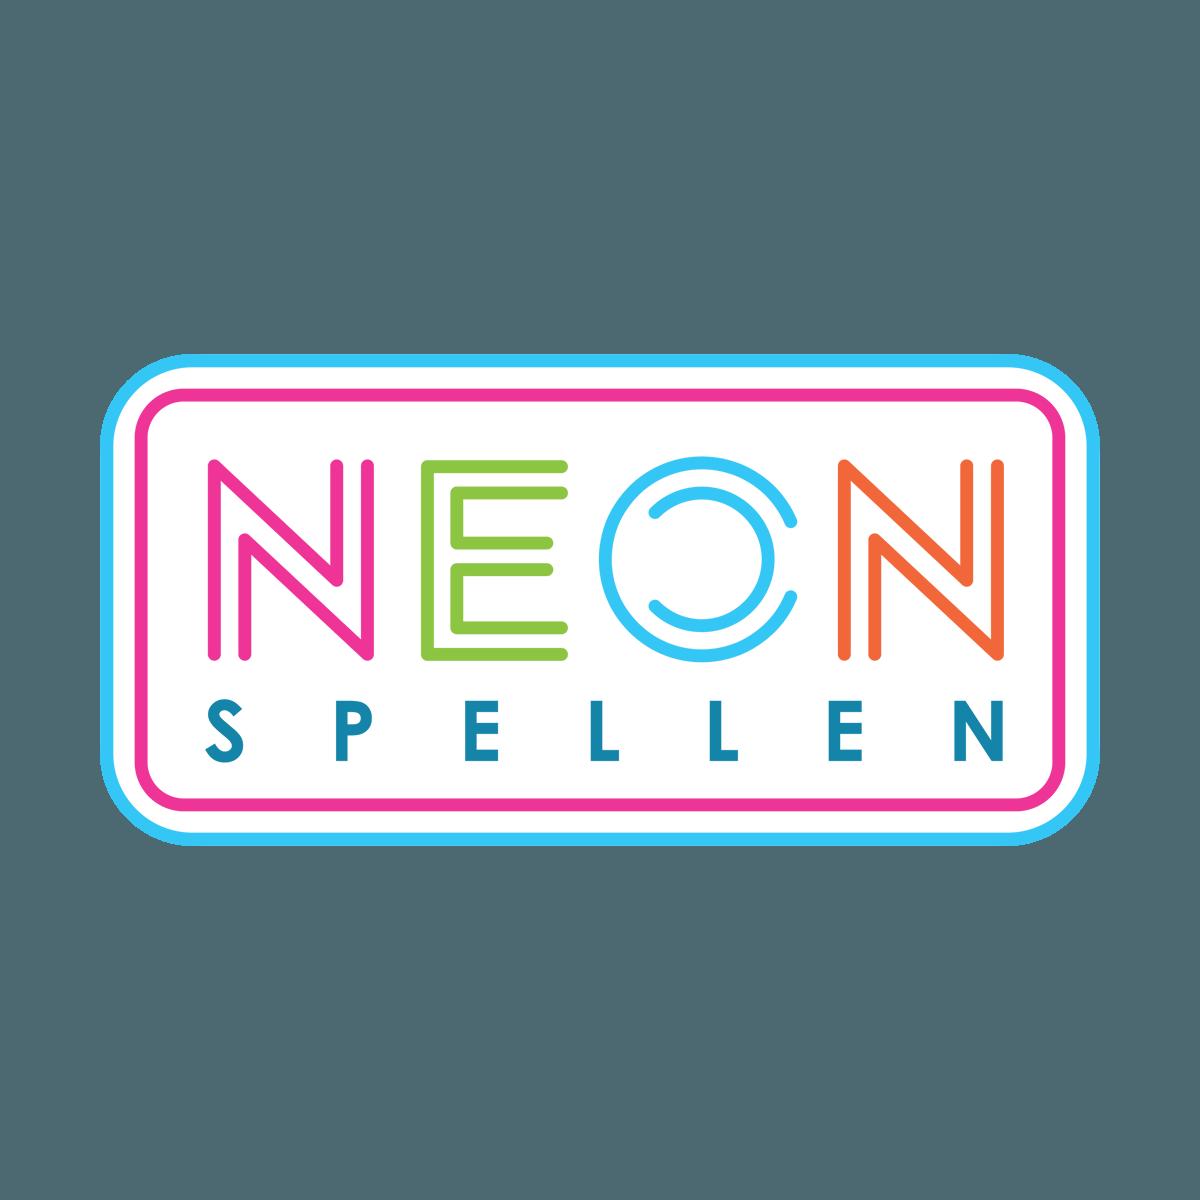 buy online a4380 20c6f Neon Spellen - Speel online de leukste gratis spellen met hi